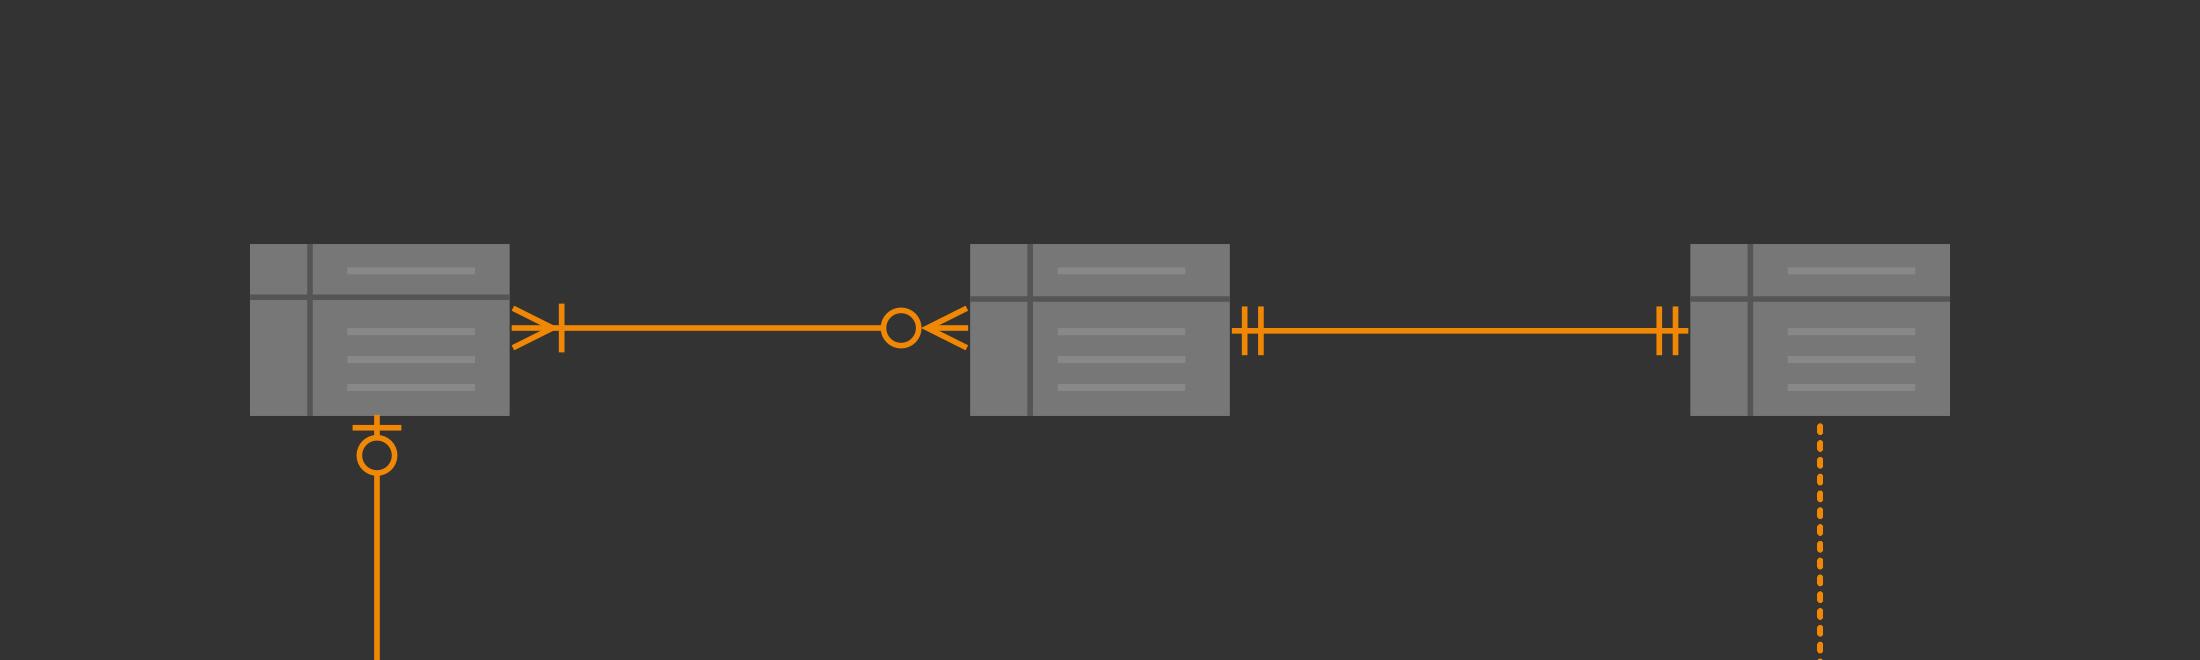 Entity Relationship Diagrams With Draw.io – Draw.io regarding Er Diagram Double Circle